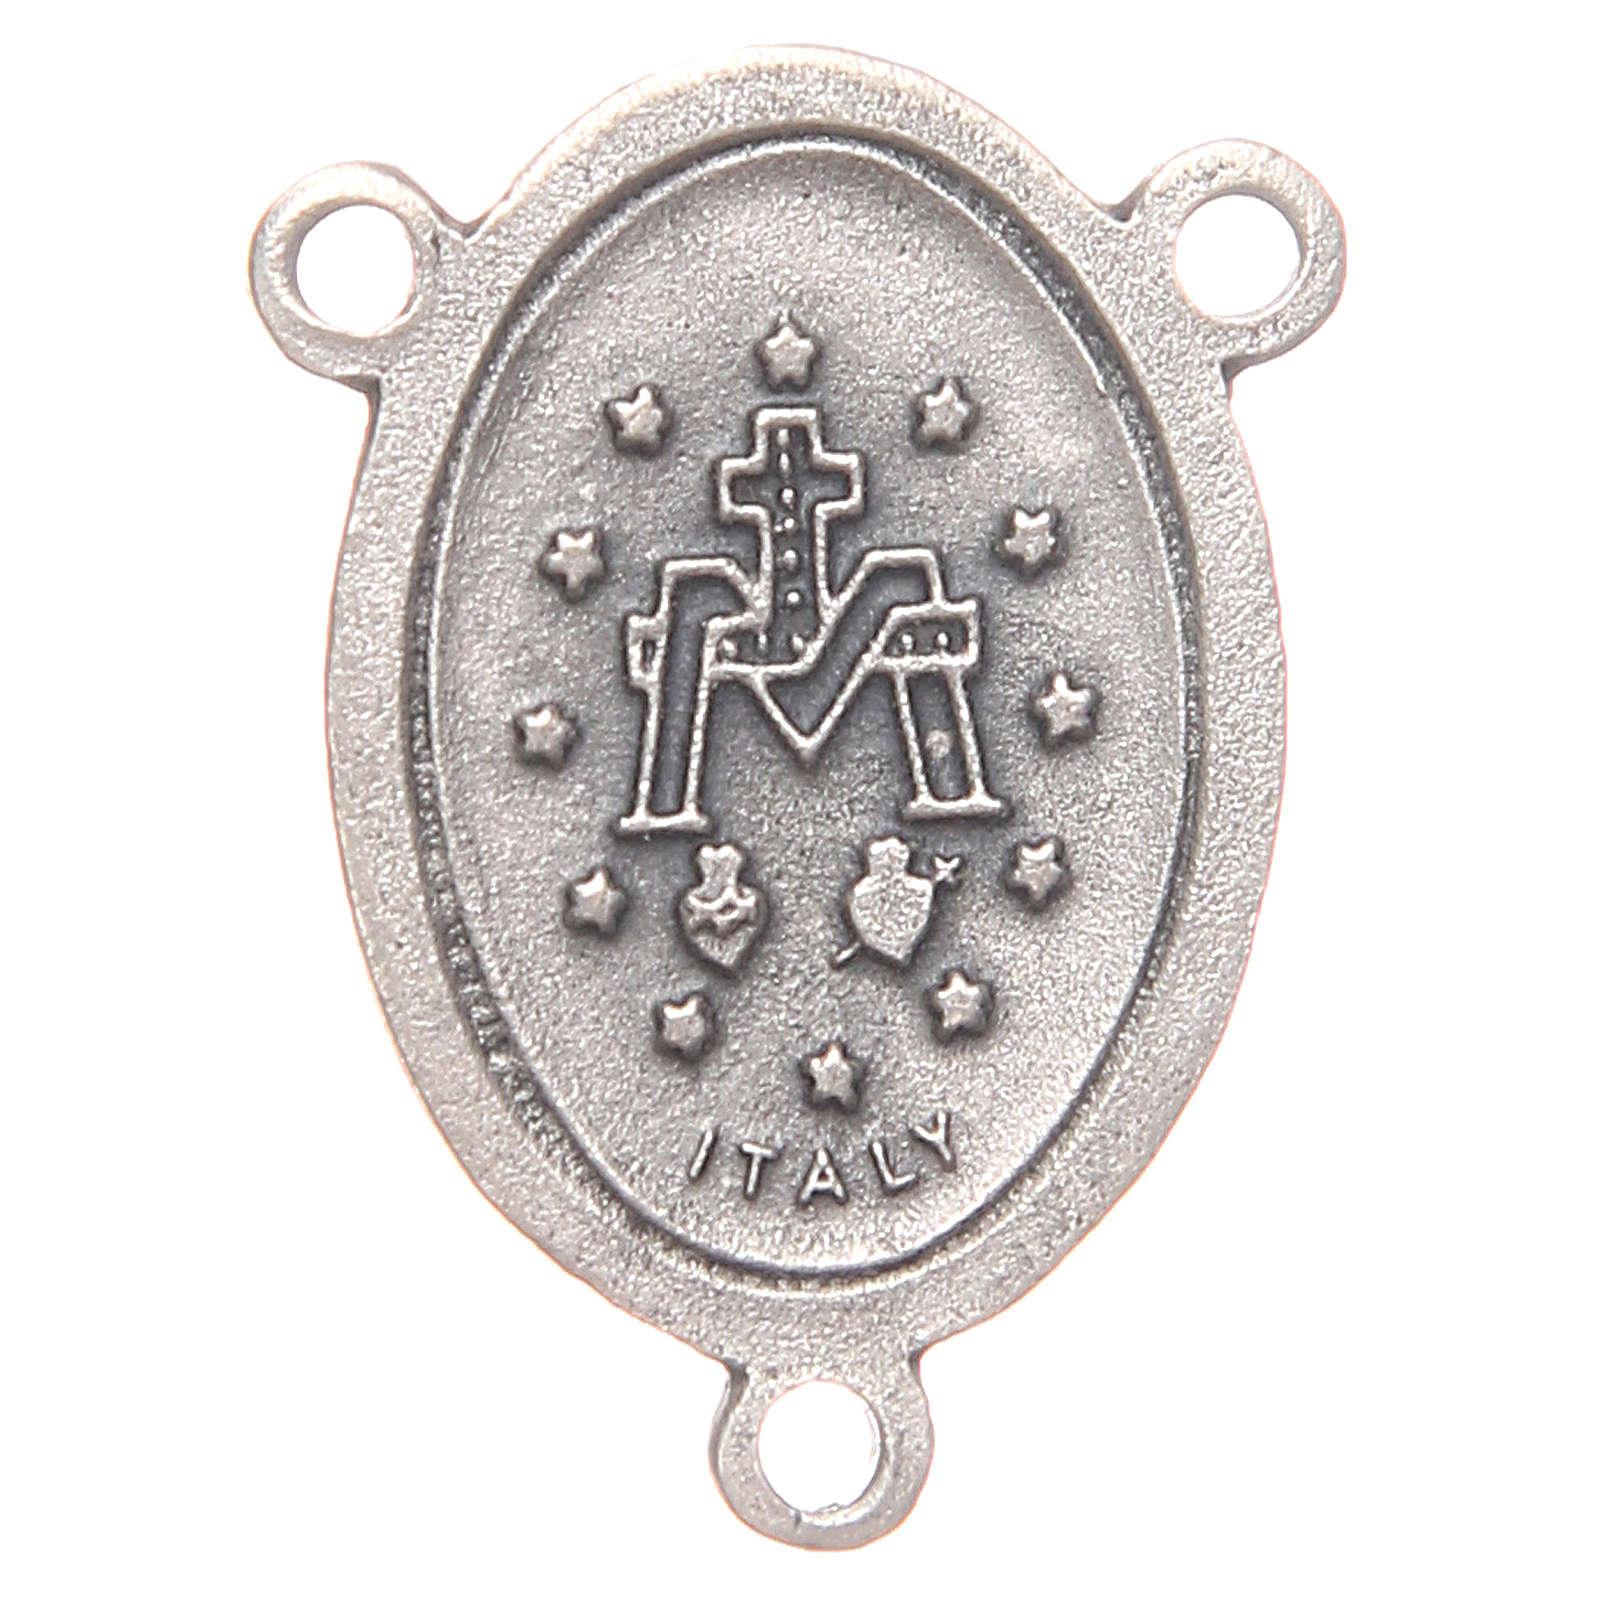 Mittelstück für Rosenkranz, oval, Wundertätige Madonna, 2,4 cm 4